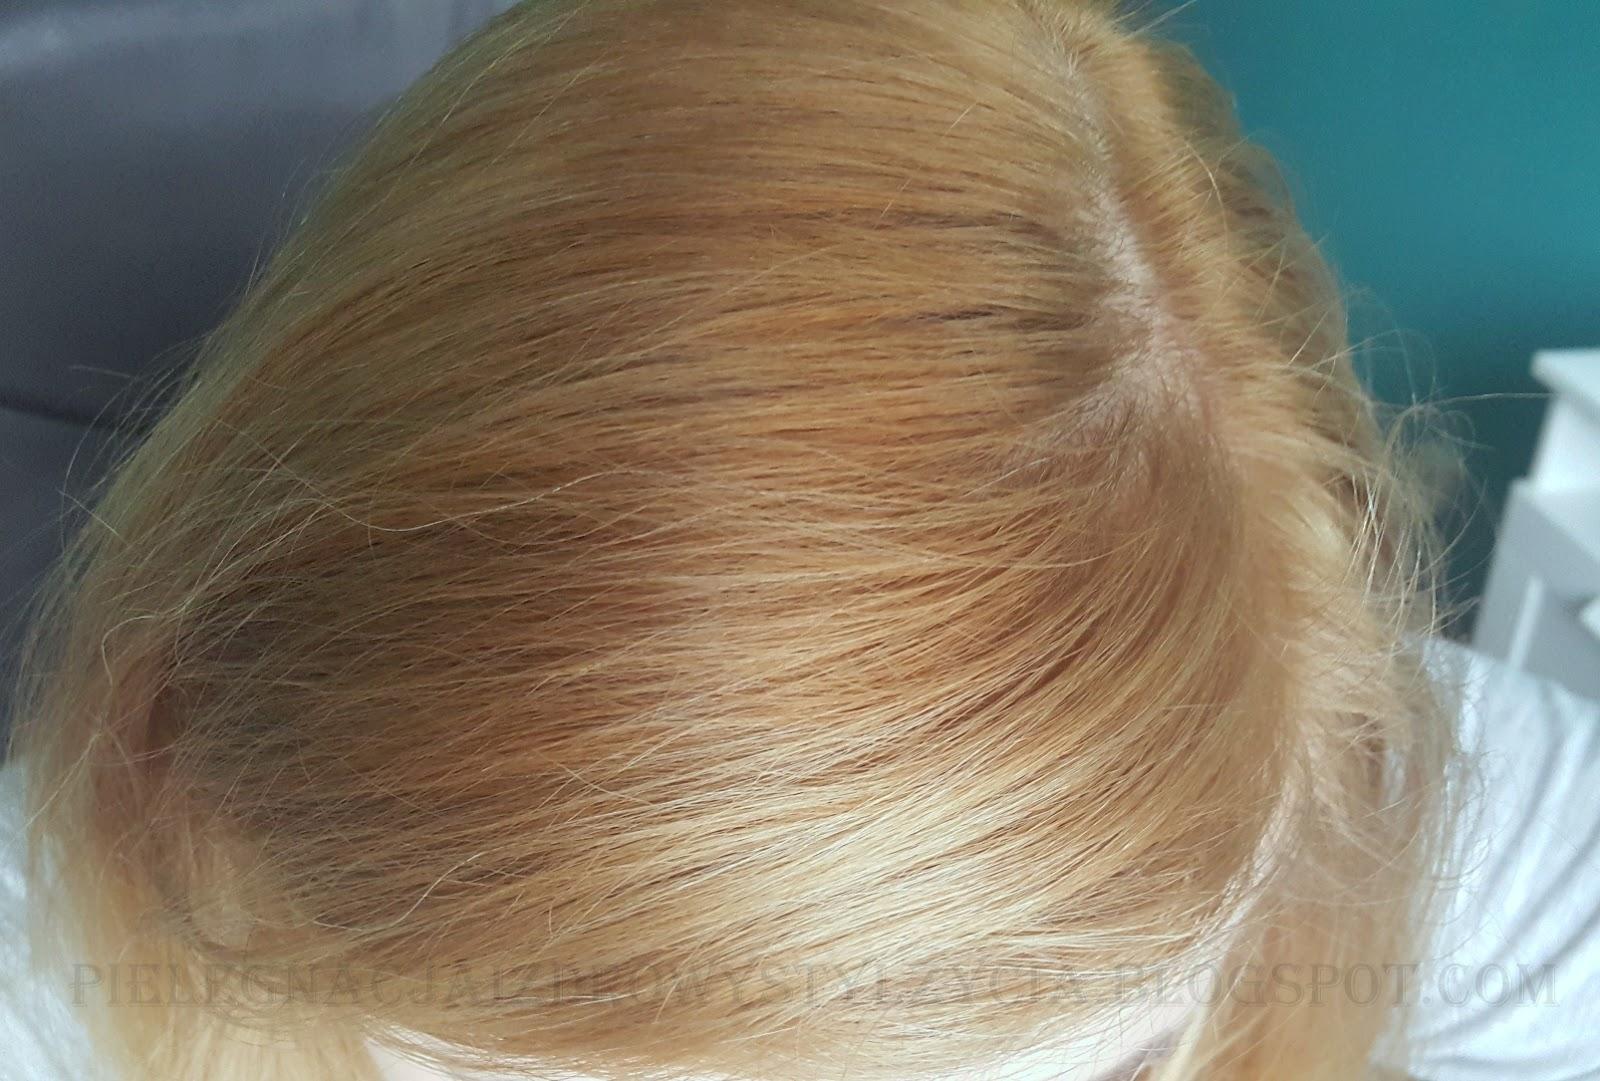 Schwarzkopf Color Expert 10.1 mrozny blond - efekty farbowania